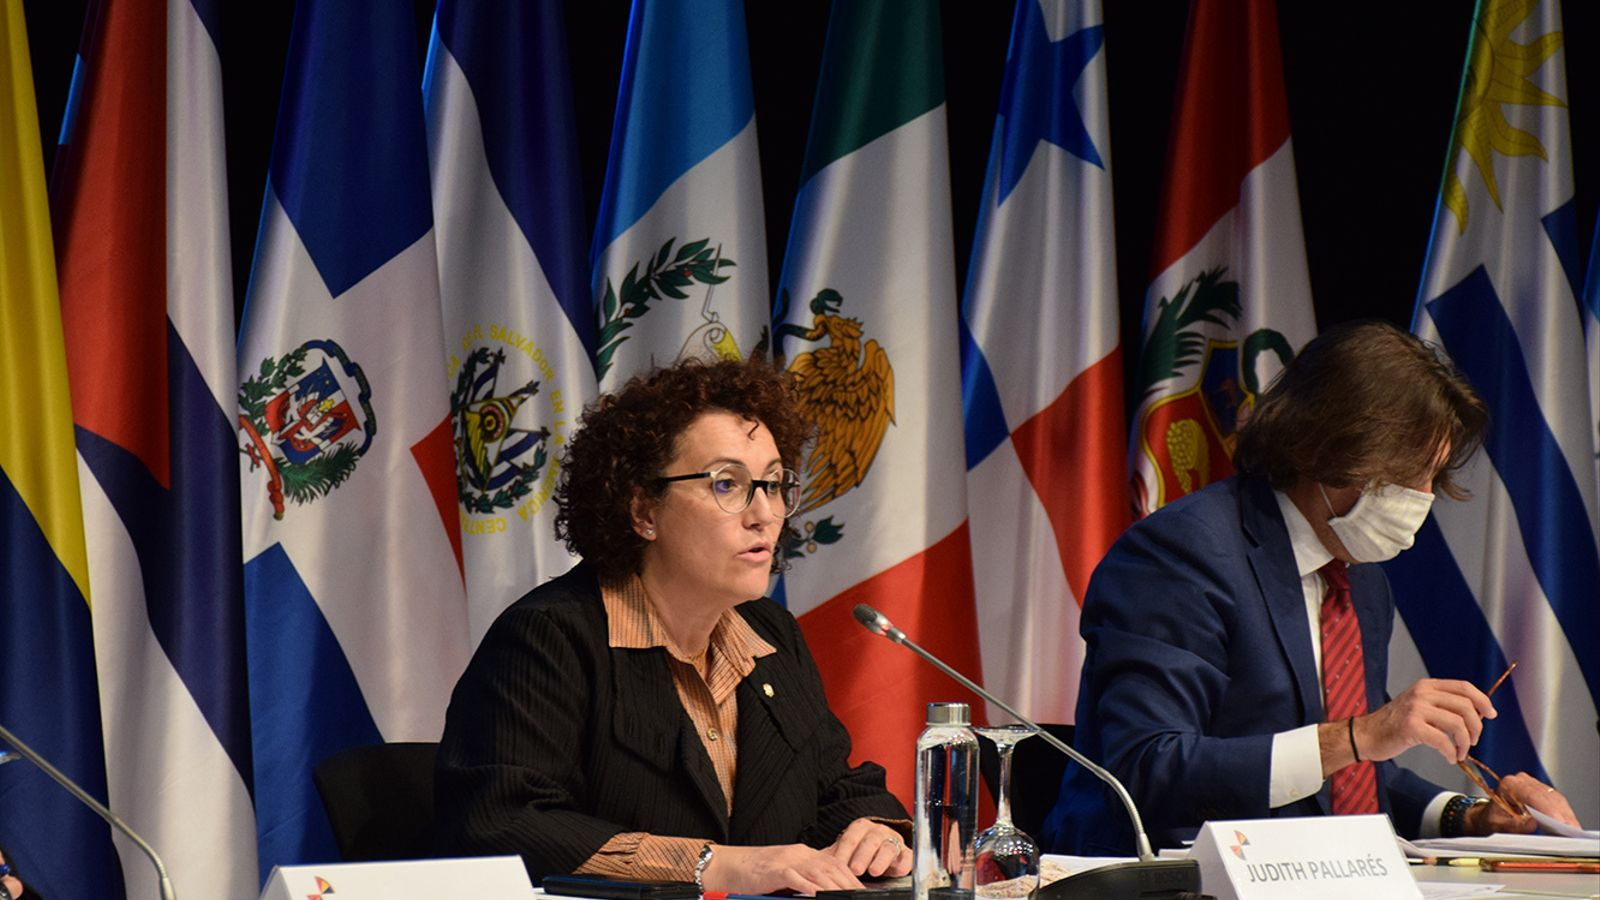 La ministra de Funció Pública i Simplificació de l'Administració, Judith Pallarés, durant la seva intervenció a la XIX Conferència iberoamericana de ministres d'Administració Pública i Reforma de l'Estat. / M. F. (ANA)